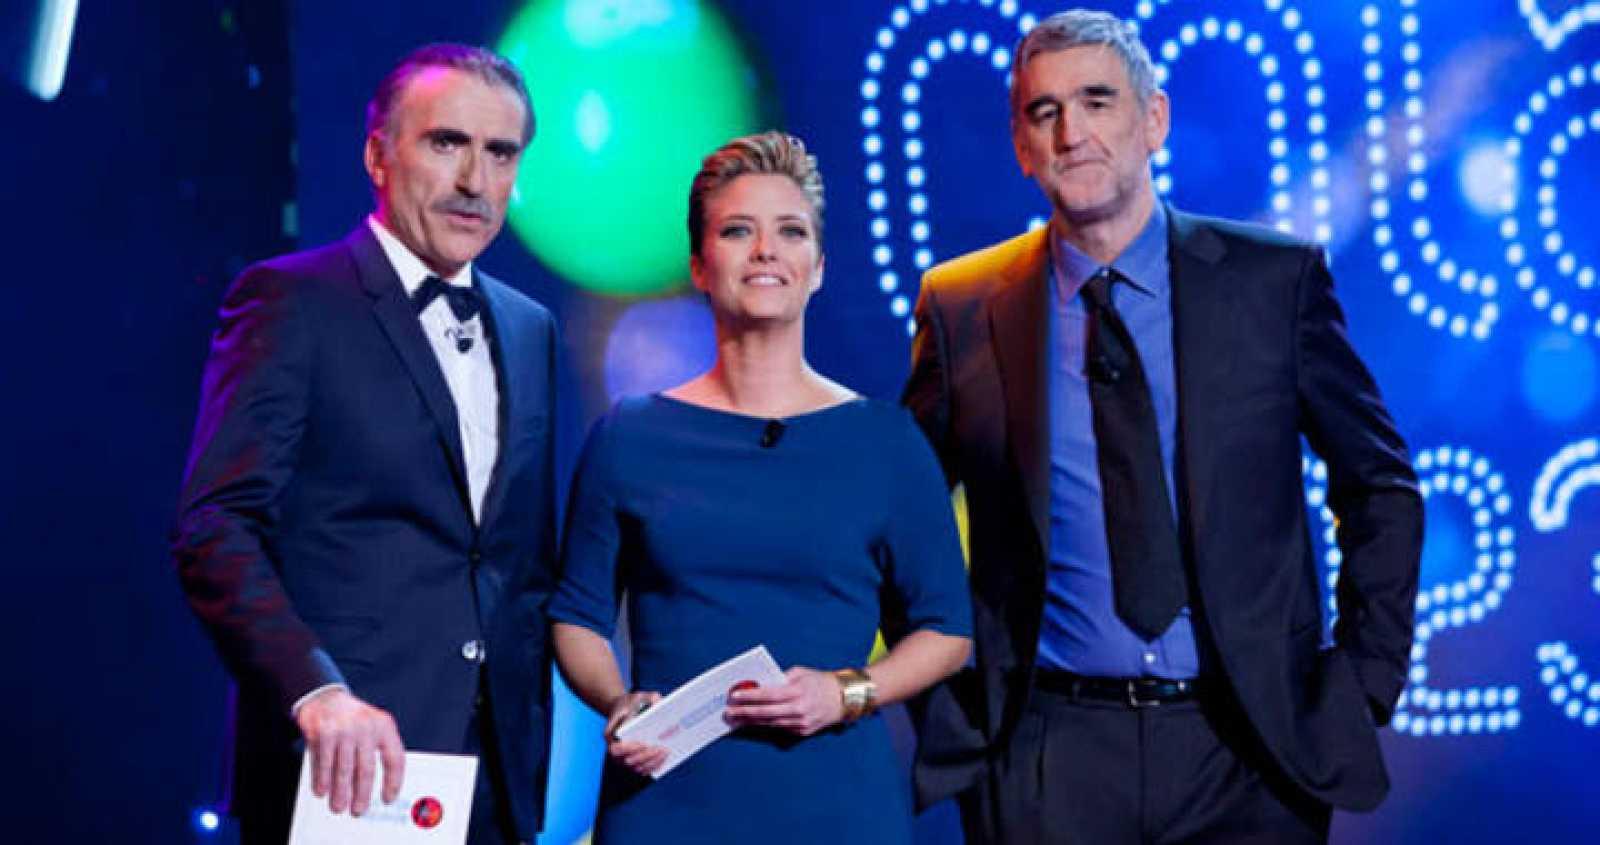 María Casado, Juan y Medio y Juanma López Iturriaga, los presentadores de la gala